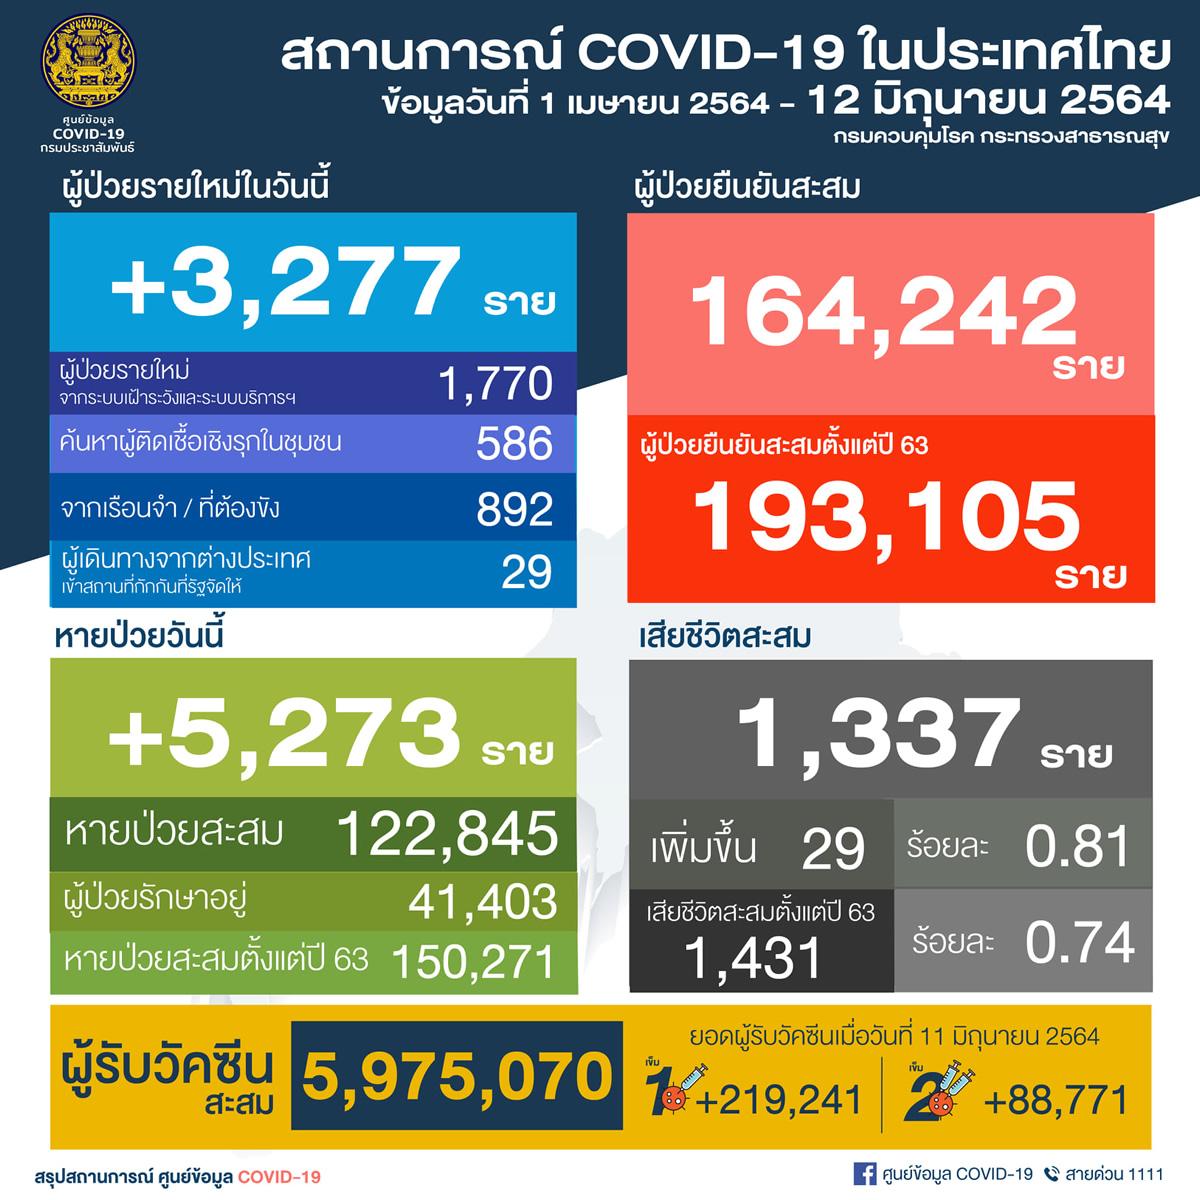 タイ 陽性3,277人/バンコク858人/刑務所892人[2021年6月12日発表]